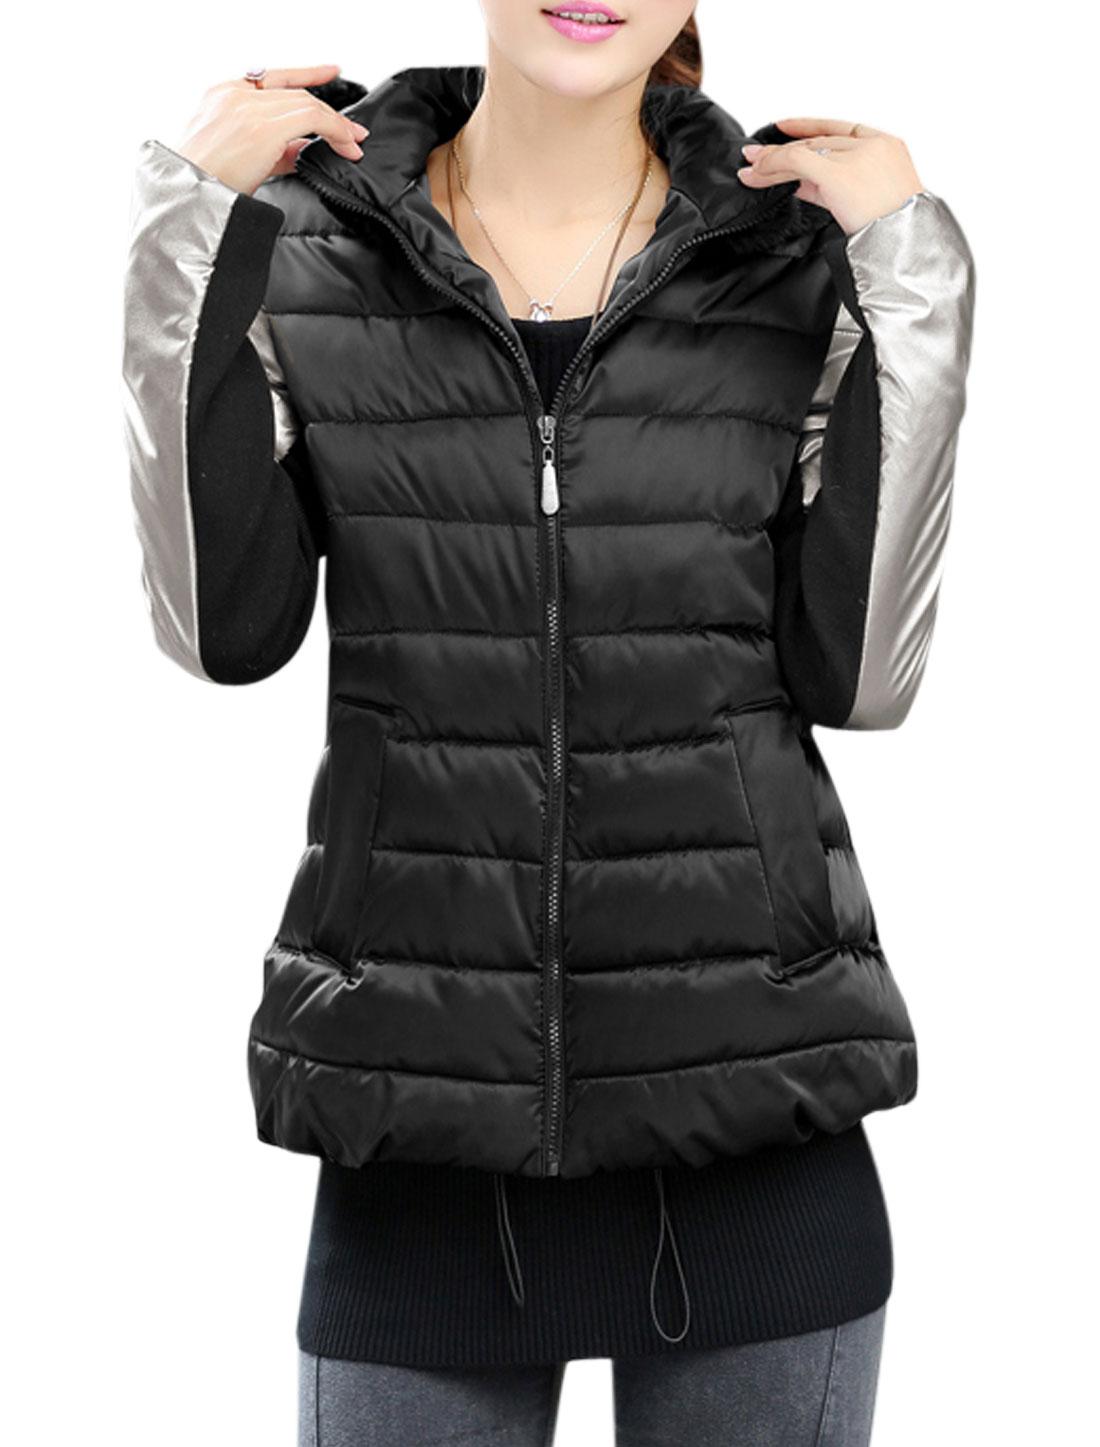 Women Zip Up Panel Design Hooded Padded Coat Black S